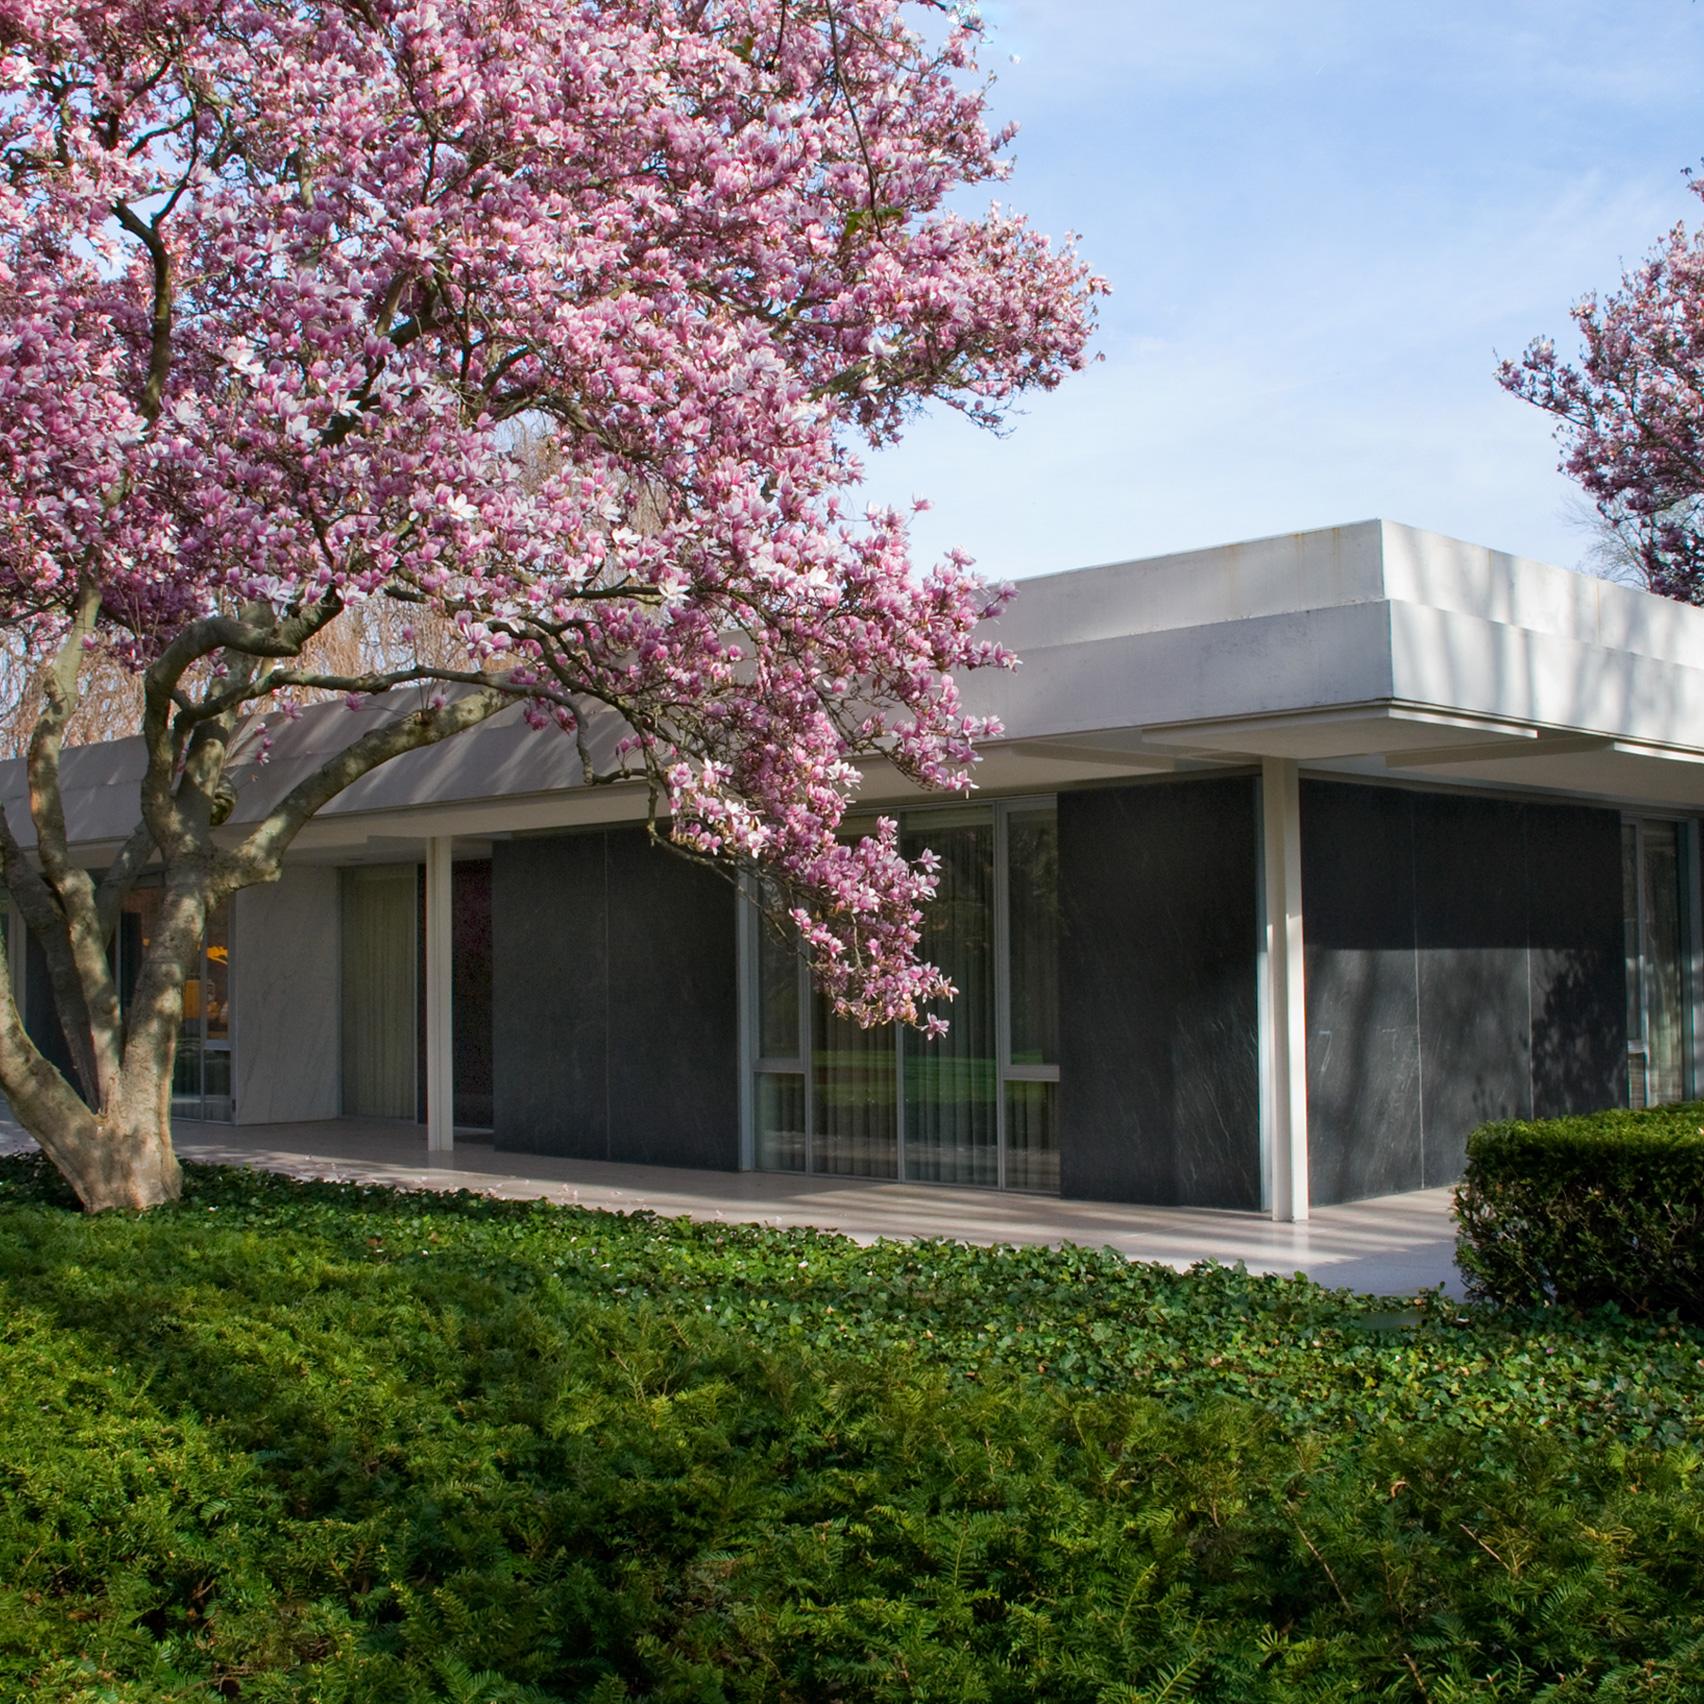 Miller House and Garden by Eero Saarinen, 1957